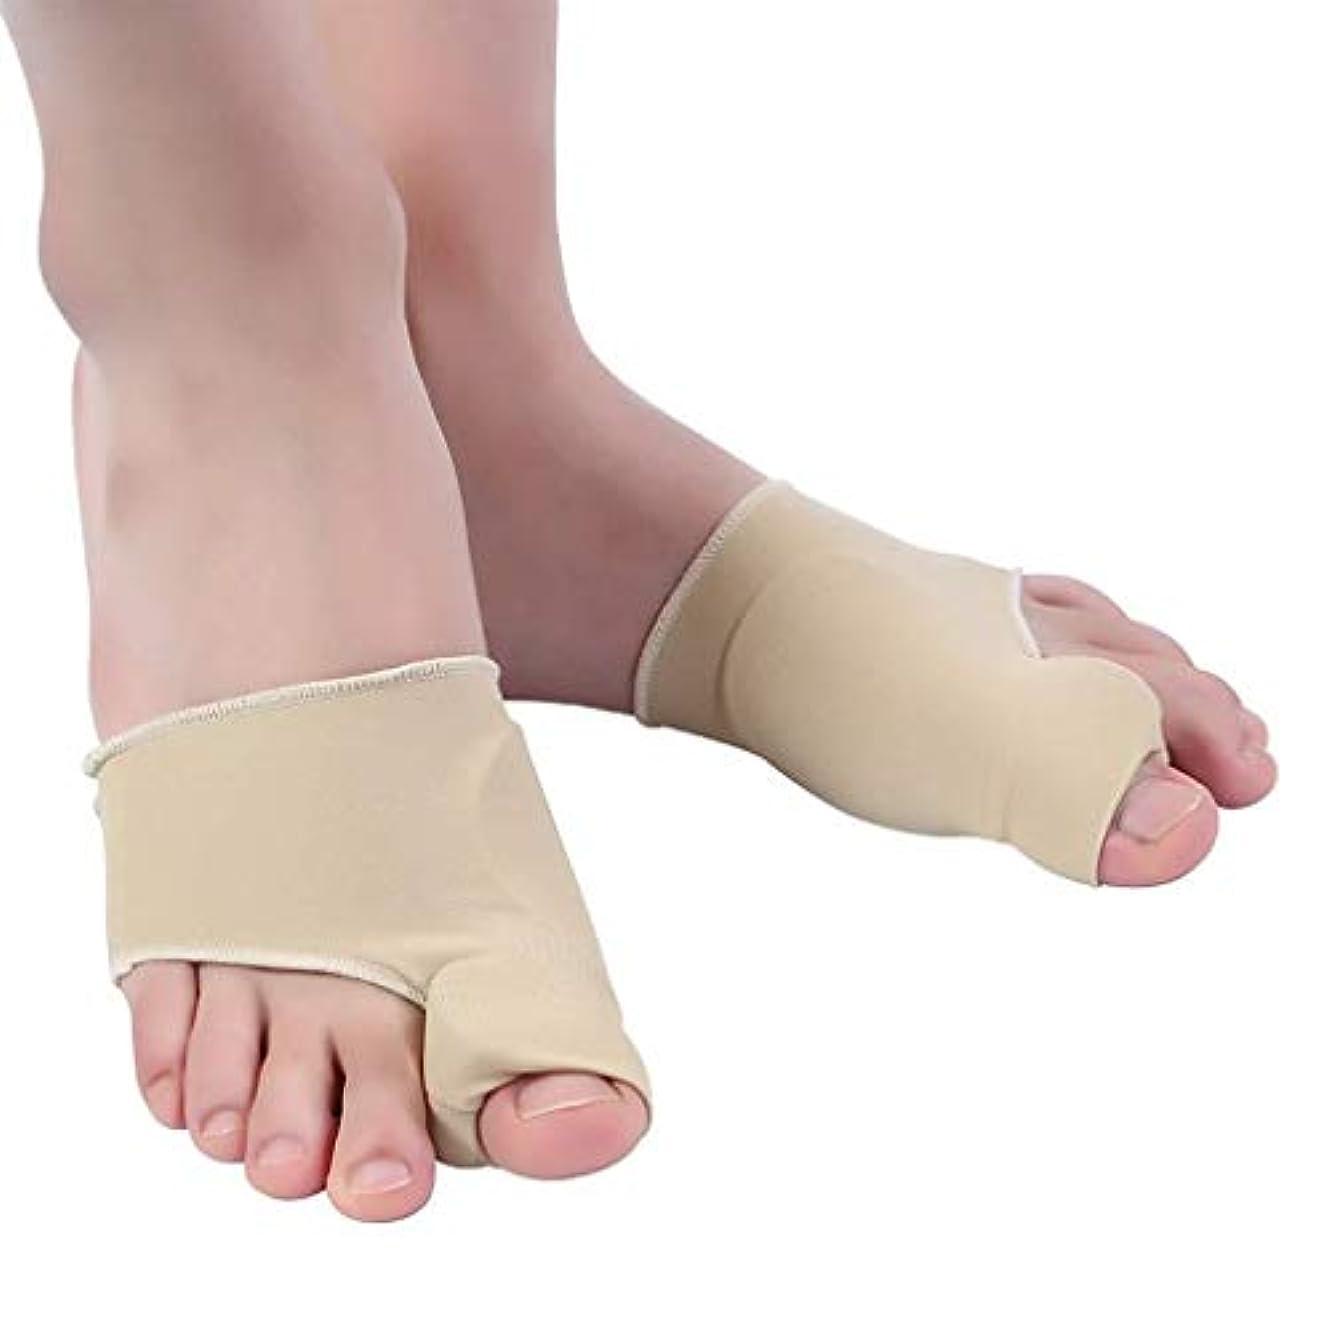 値下げ早めるメディアBunion Corrector Bunion SplintsとBig Toe Straightteners SeparatorナイトタイムHallux外陰部のスプリント、Bunion Relief (Size : Small)